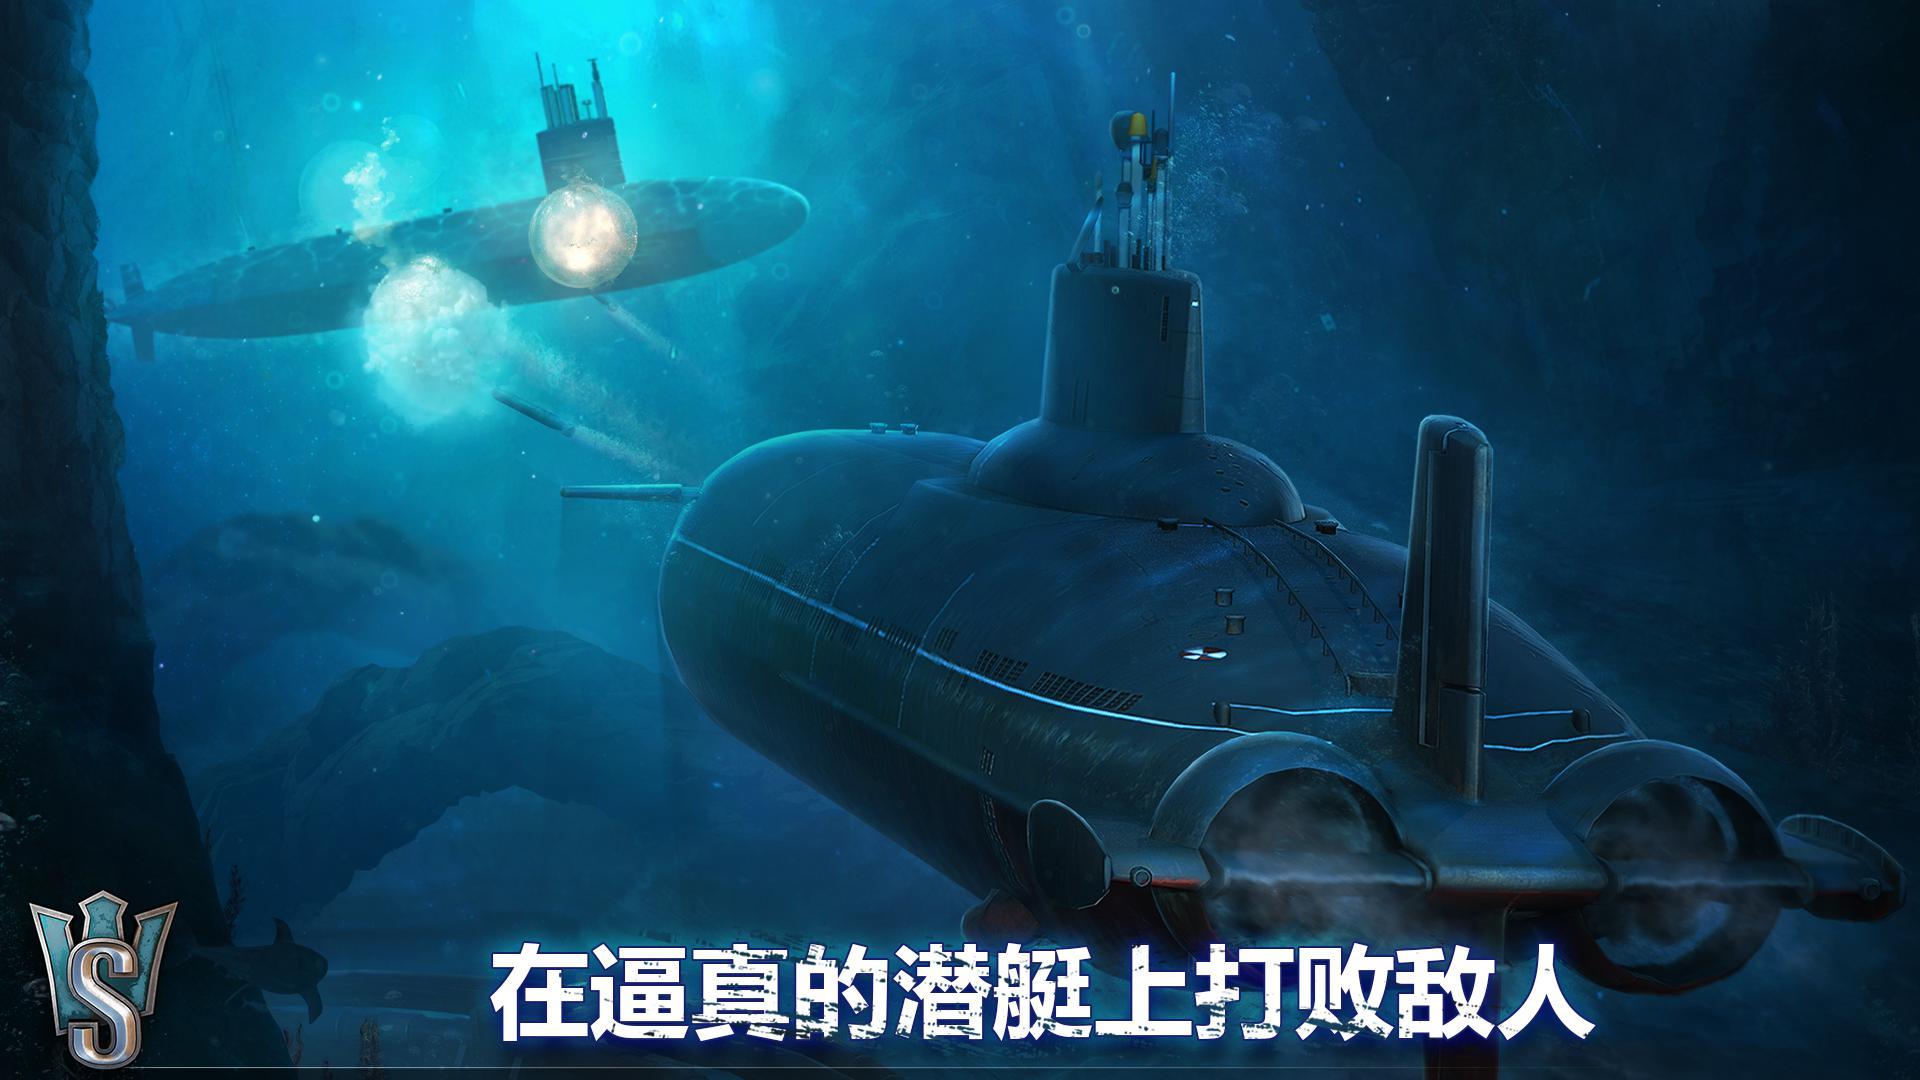 下载好了潜艇世界:海军射击3D战争游戏却无法安装